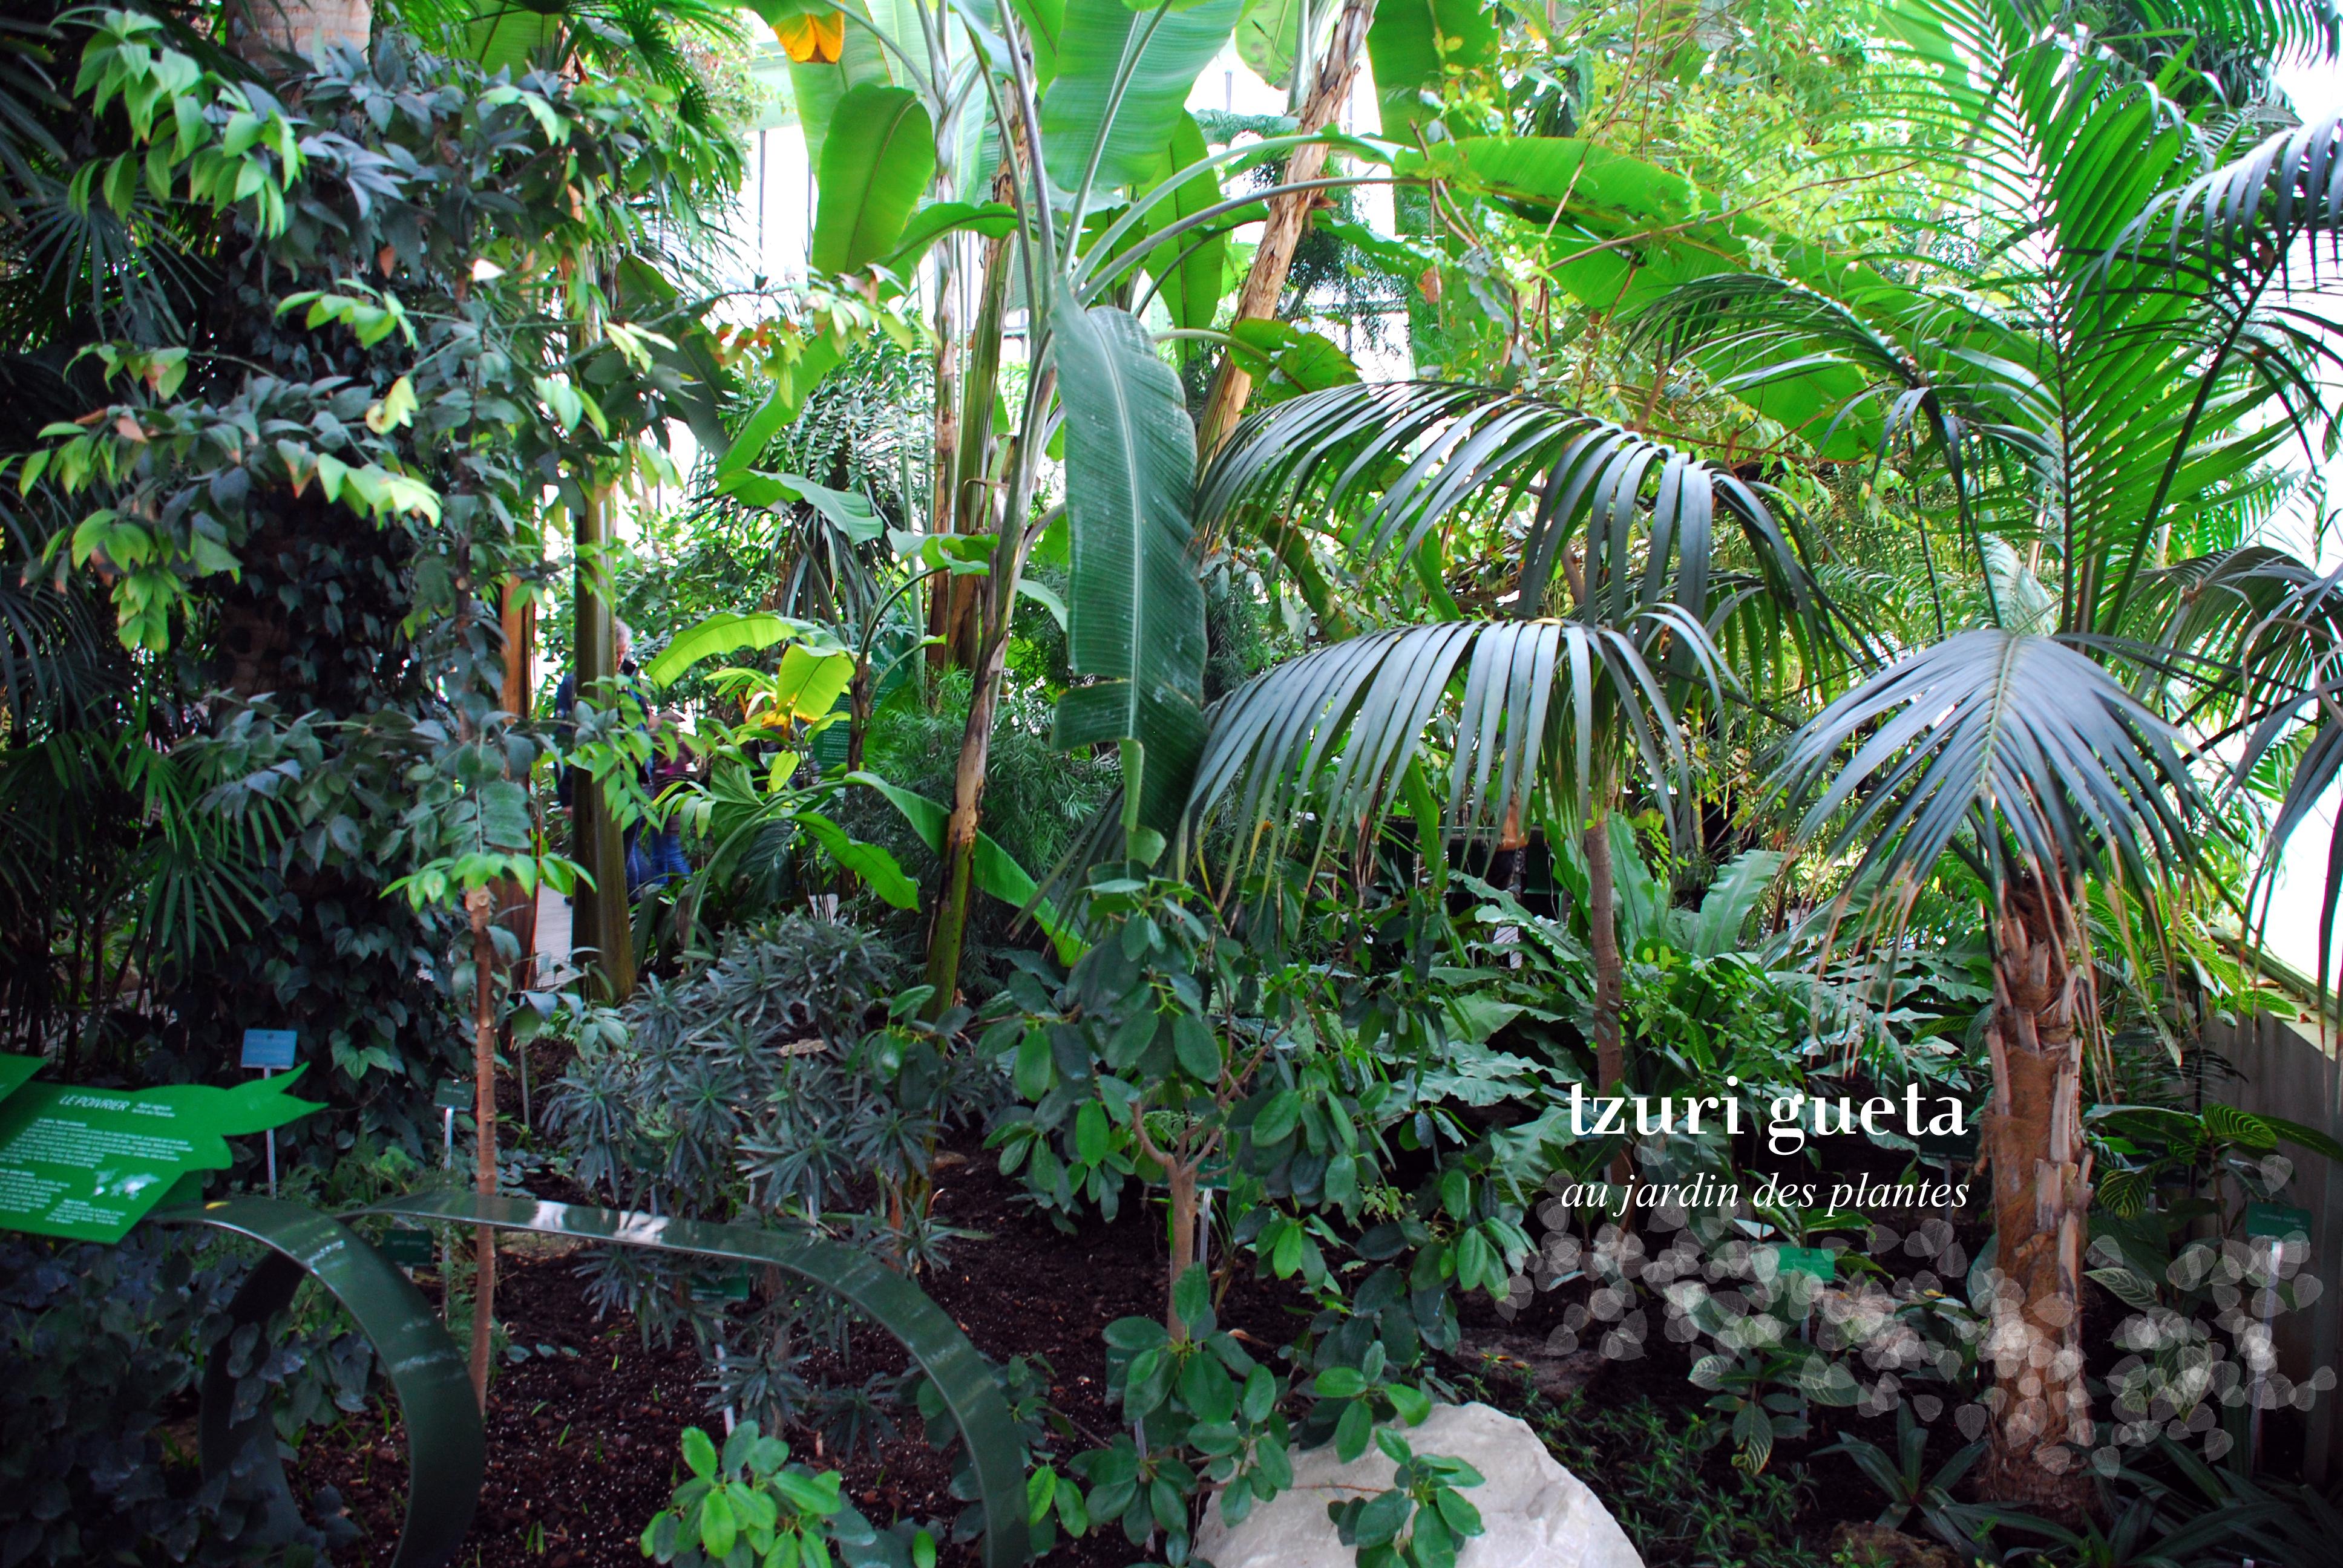 Les serres du jardin des plantes sublim e par une for Resto jardin des plantes